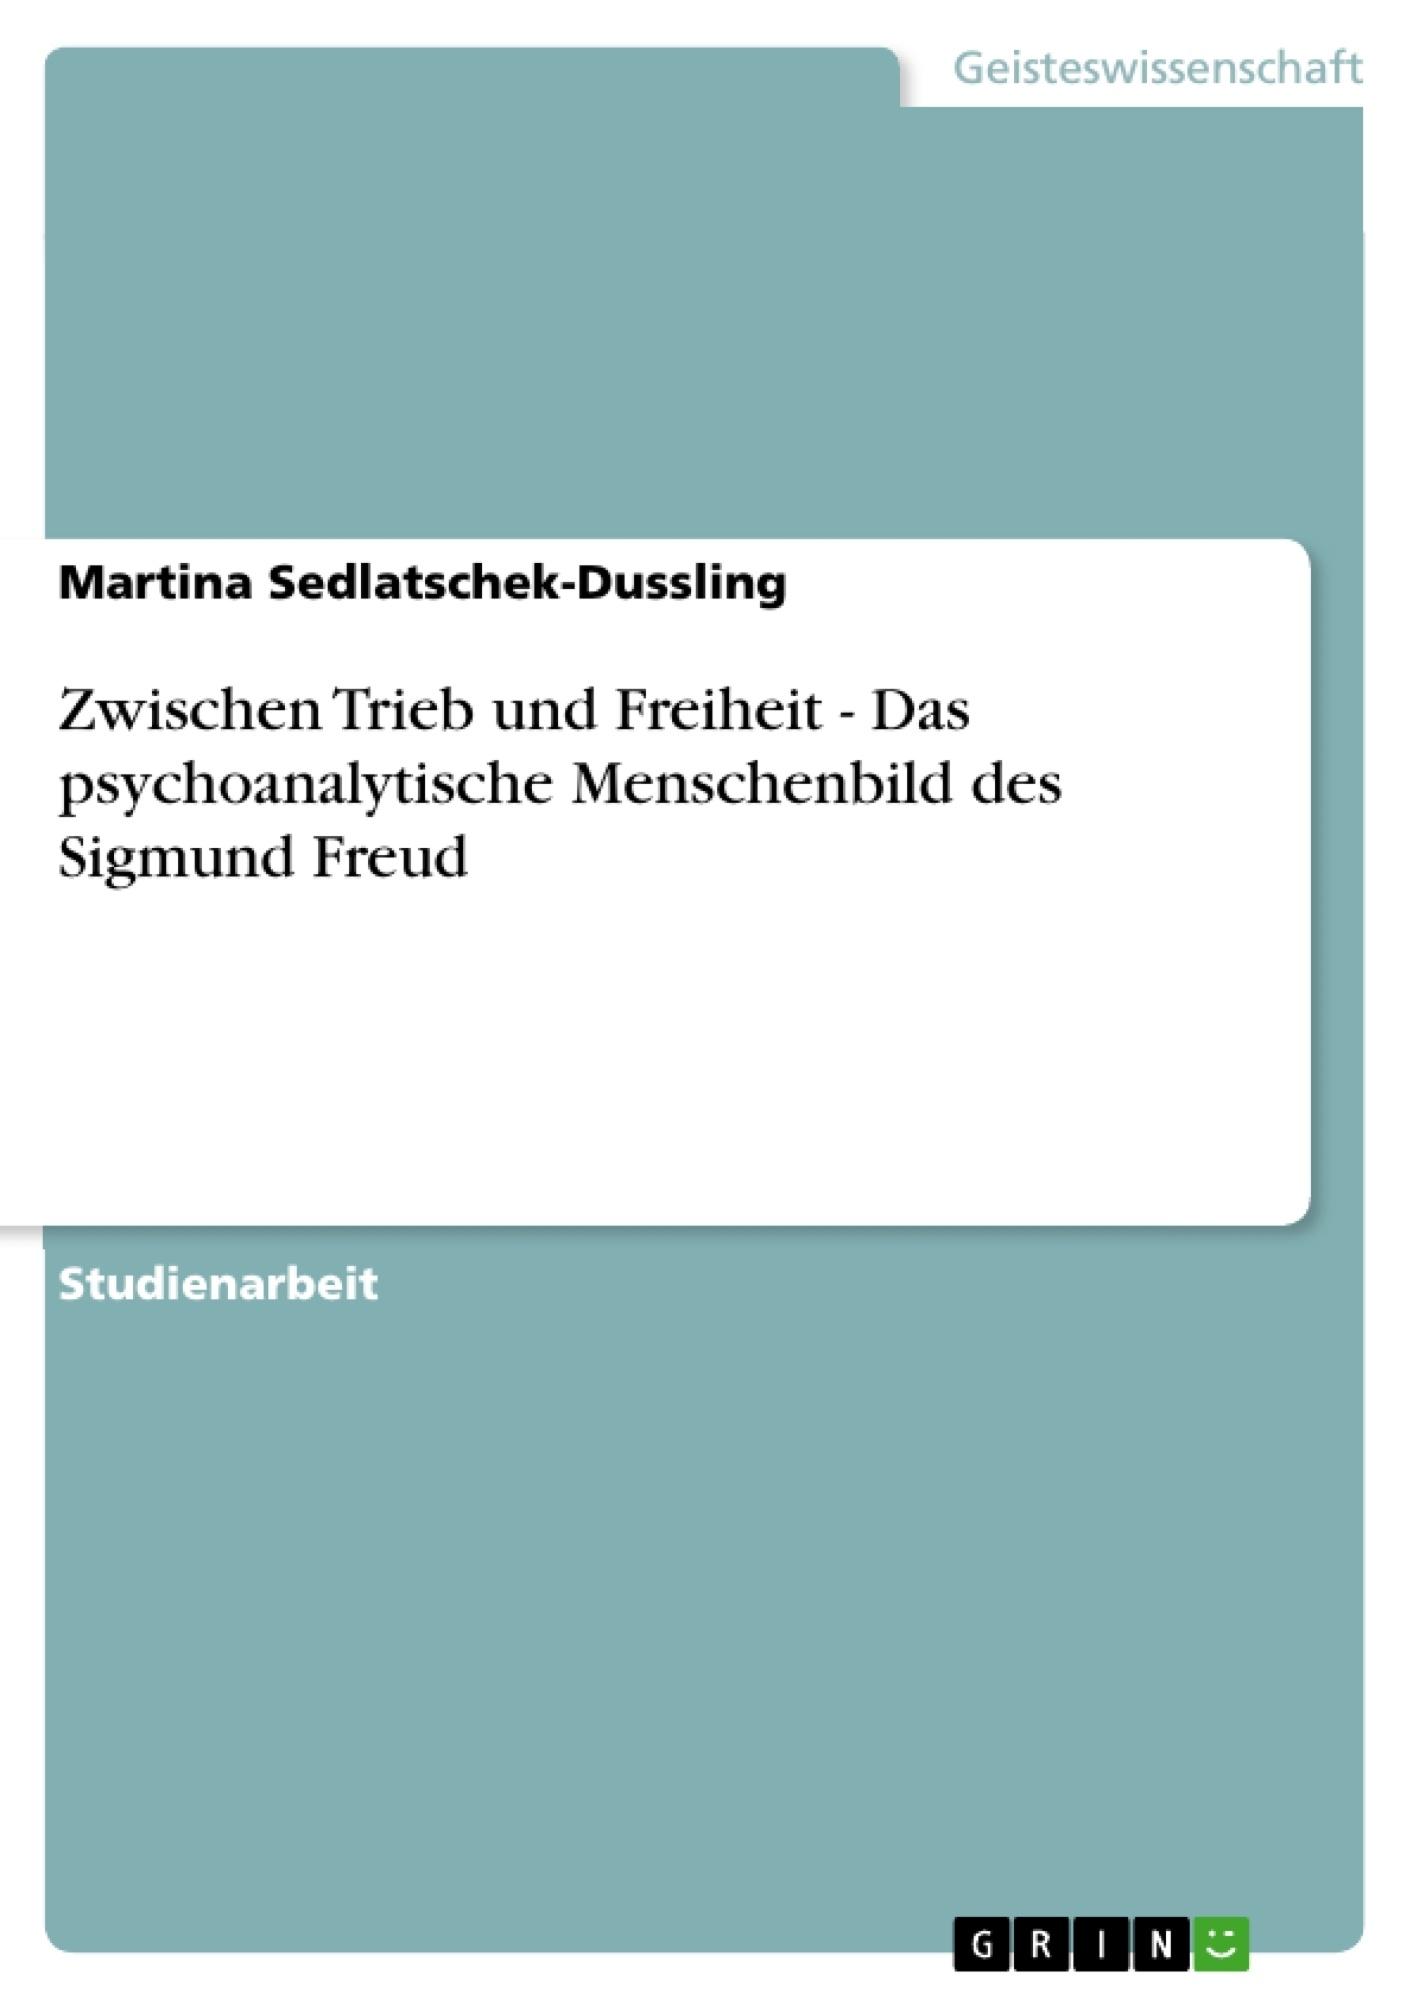 Titel: Zwischen Trieb und Freiheit - Das psychoanalytische Menschenbild des Sigmund Freud